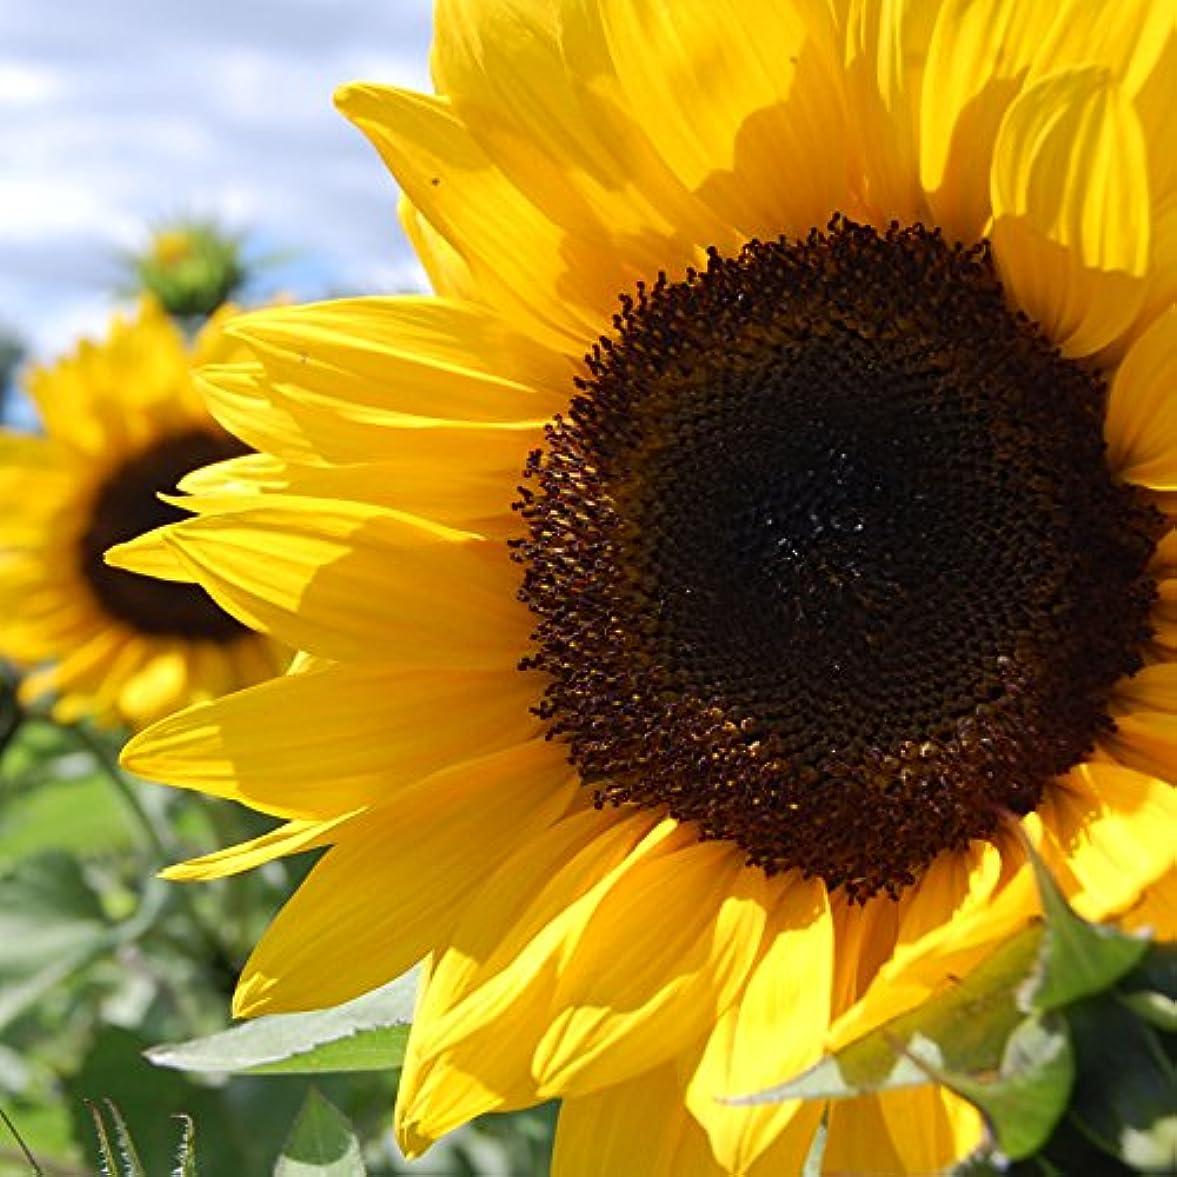 ぼんやりしたベスト疲労アロマフレグランスオイル ひまわり(Sunflower)